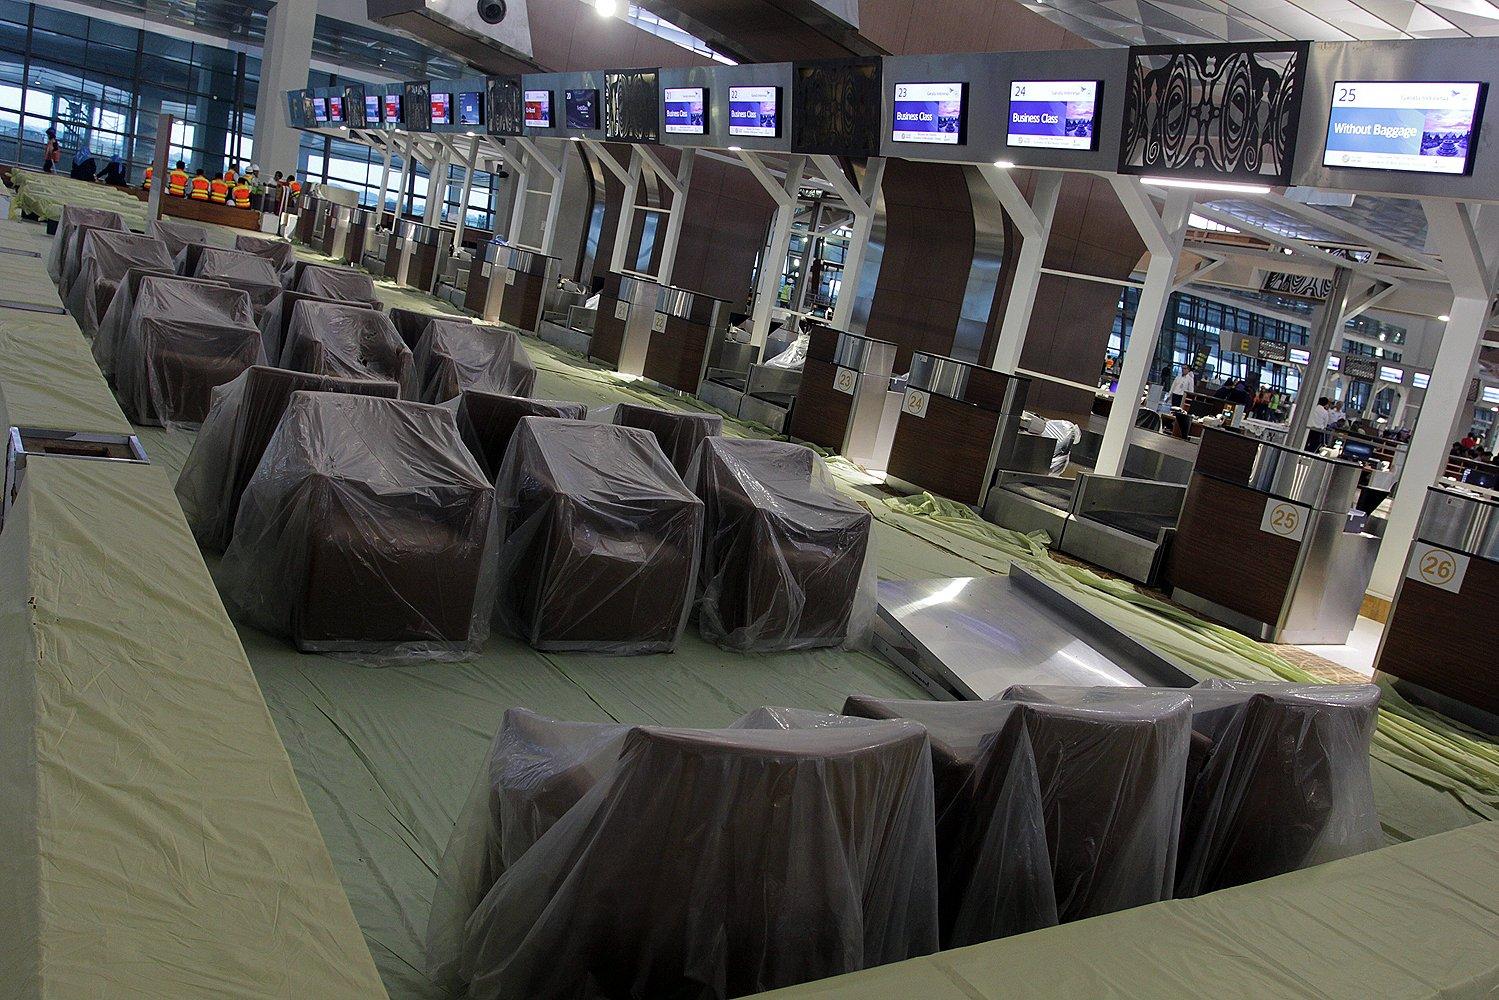 Terminal 3 Ultimate mampu menampung hingga 25 juta penumpang per tahun. dengan panjang bangunan mencapai 1,2 kilometer.